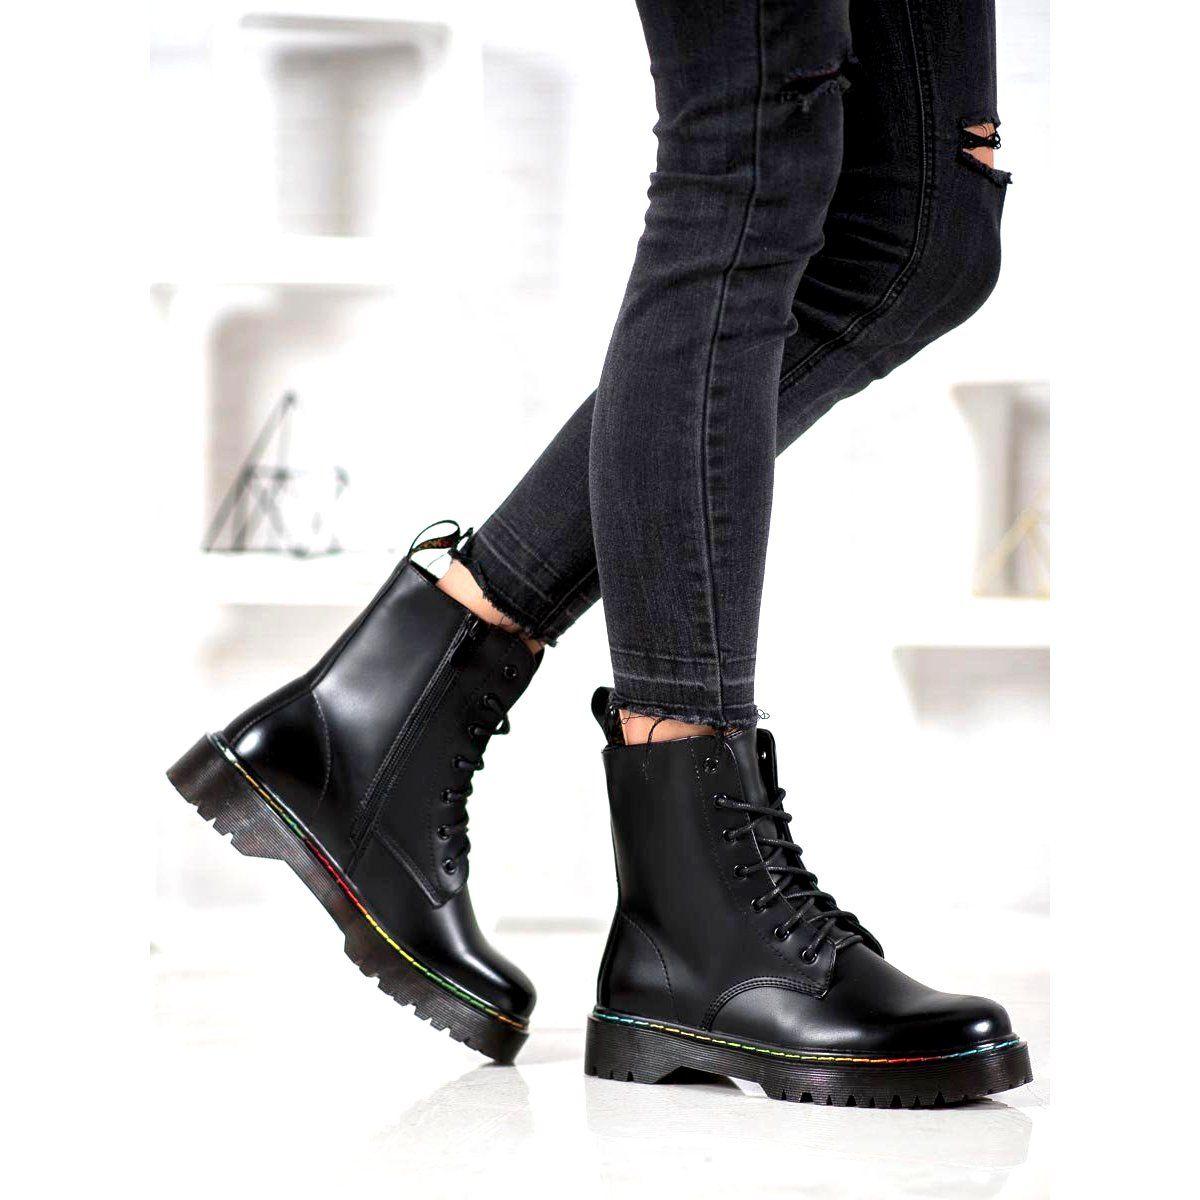 Bella Paris Lace Up Workers Black Black Boots Women Boots Boot Shoes Women